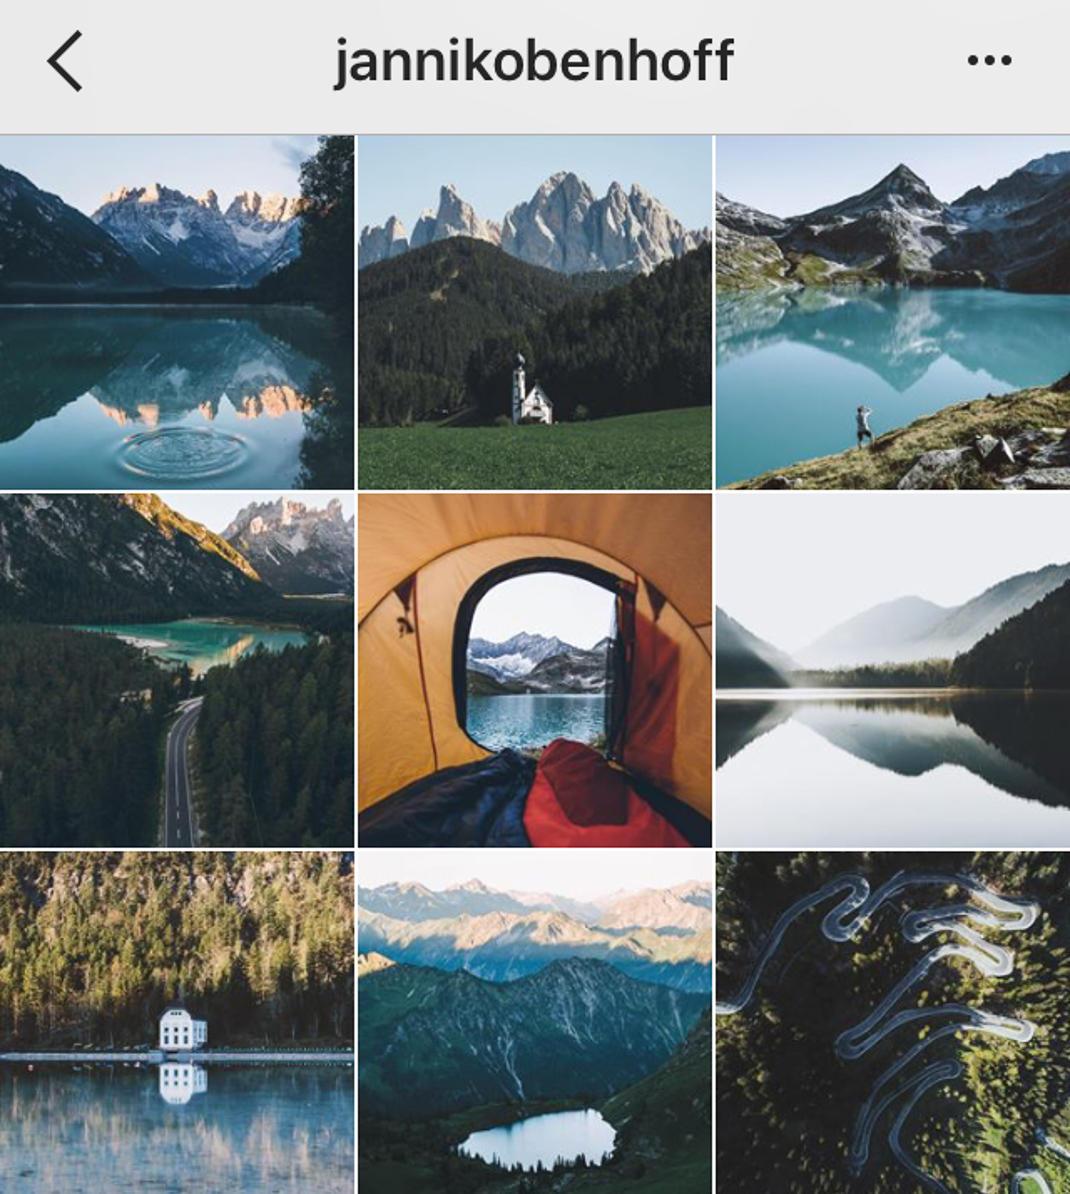 jannikobenhoff instagram